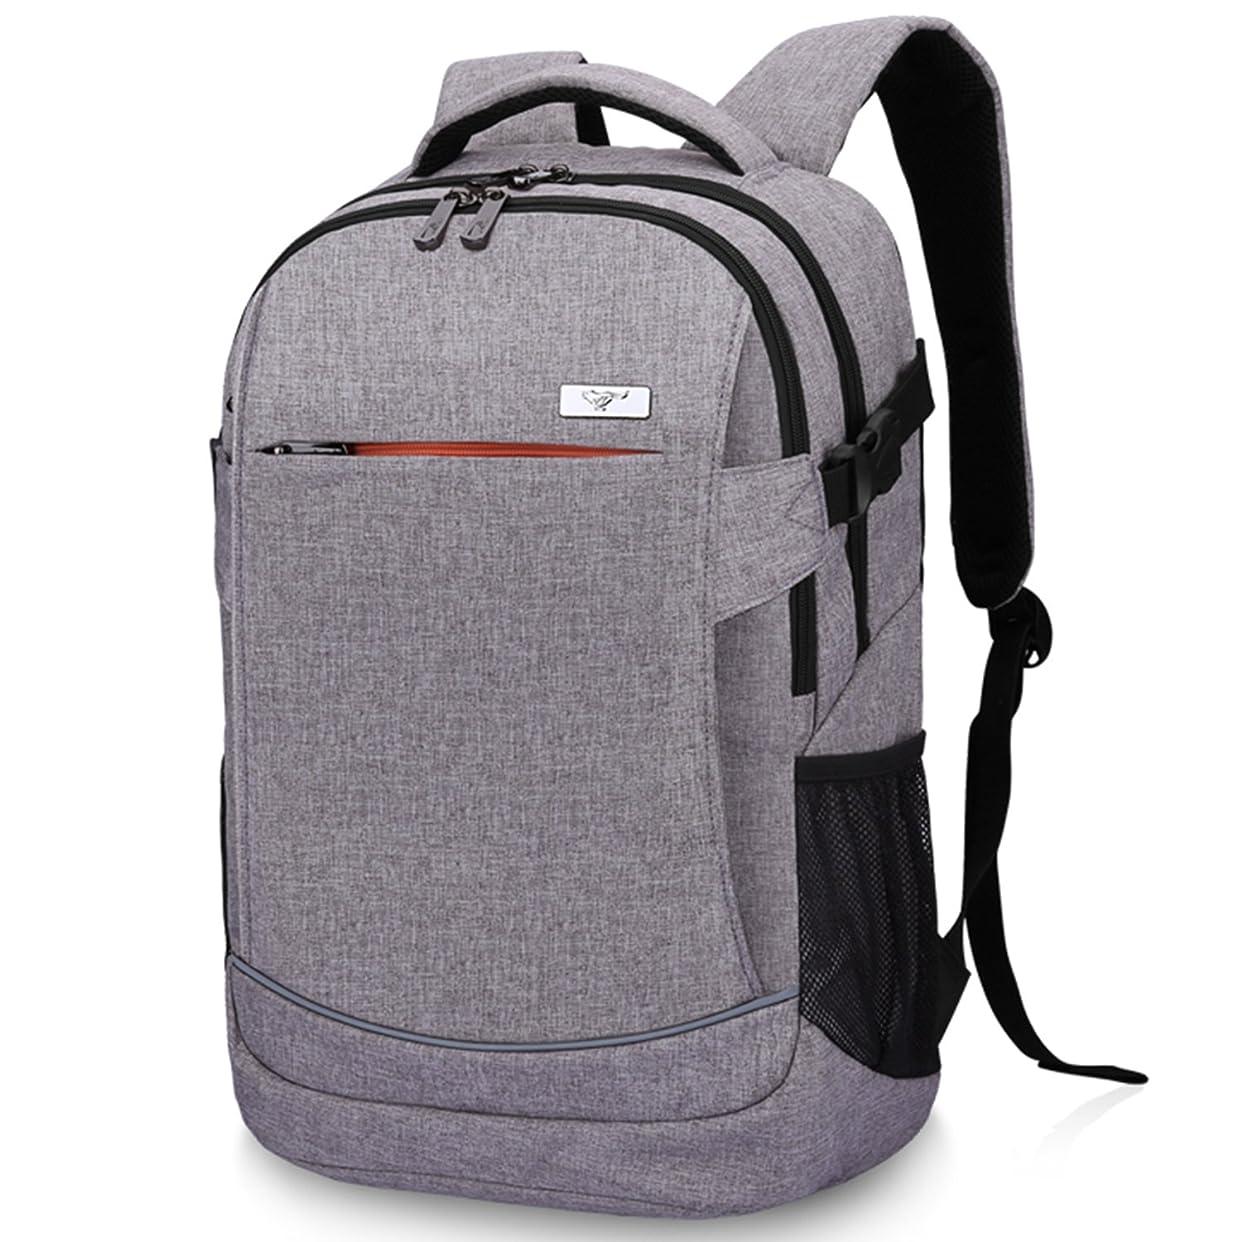 我慢するなにいつでも高級 革 リュックサック 2色 旅行 バッグ バック バックパック メンズ レディース デイバッグ 鞄 通勤 通学 軽量 大容量